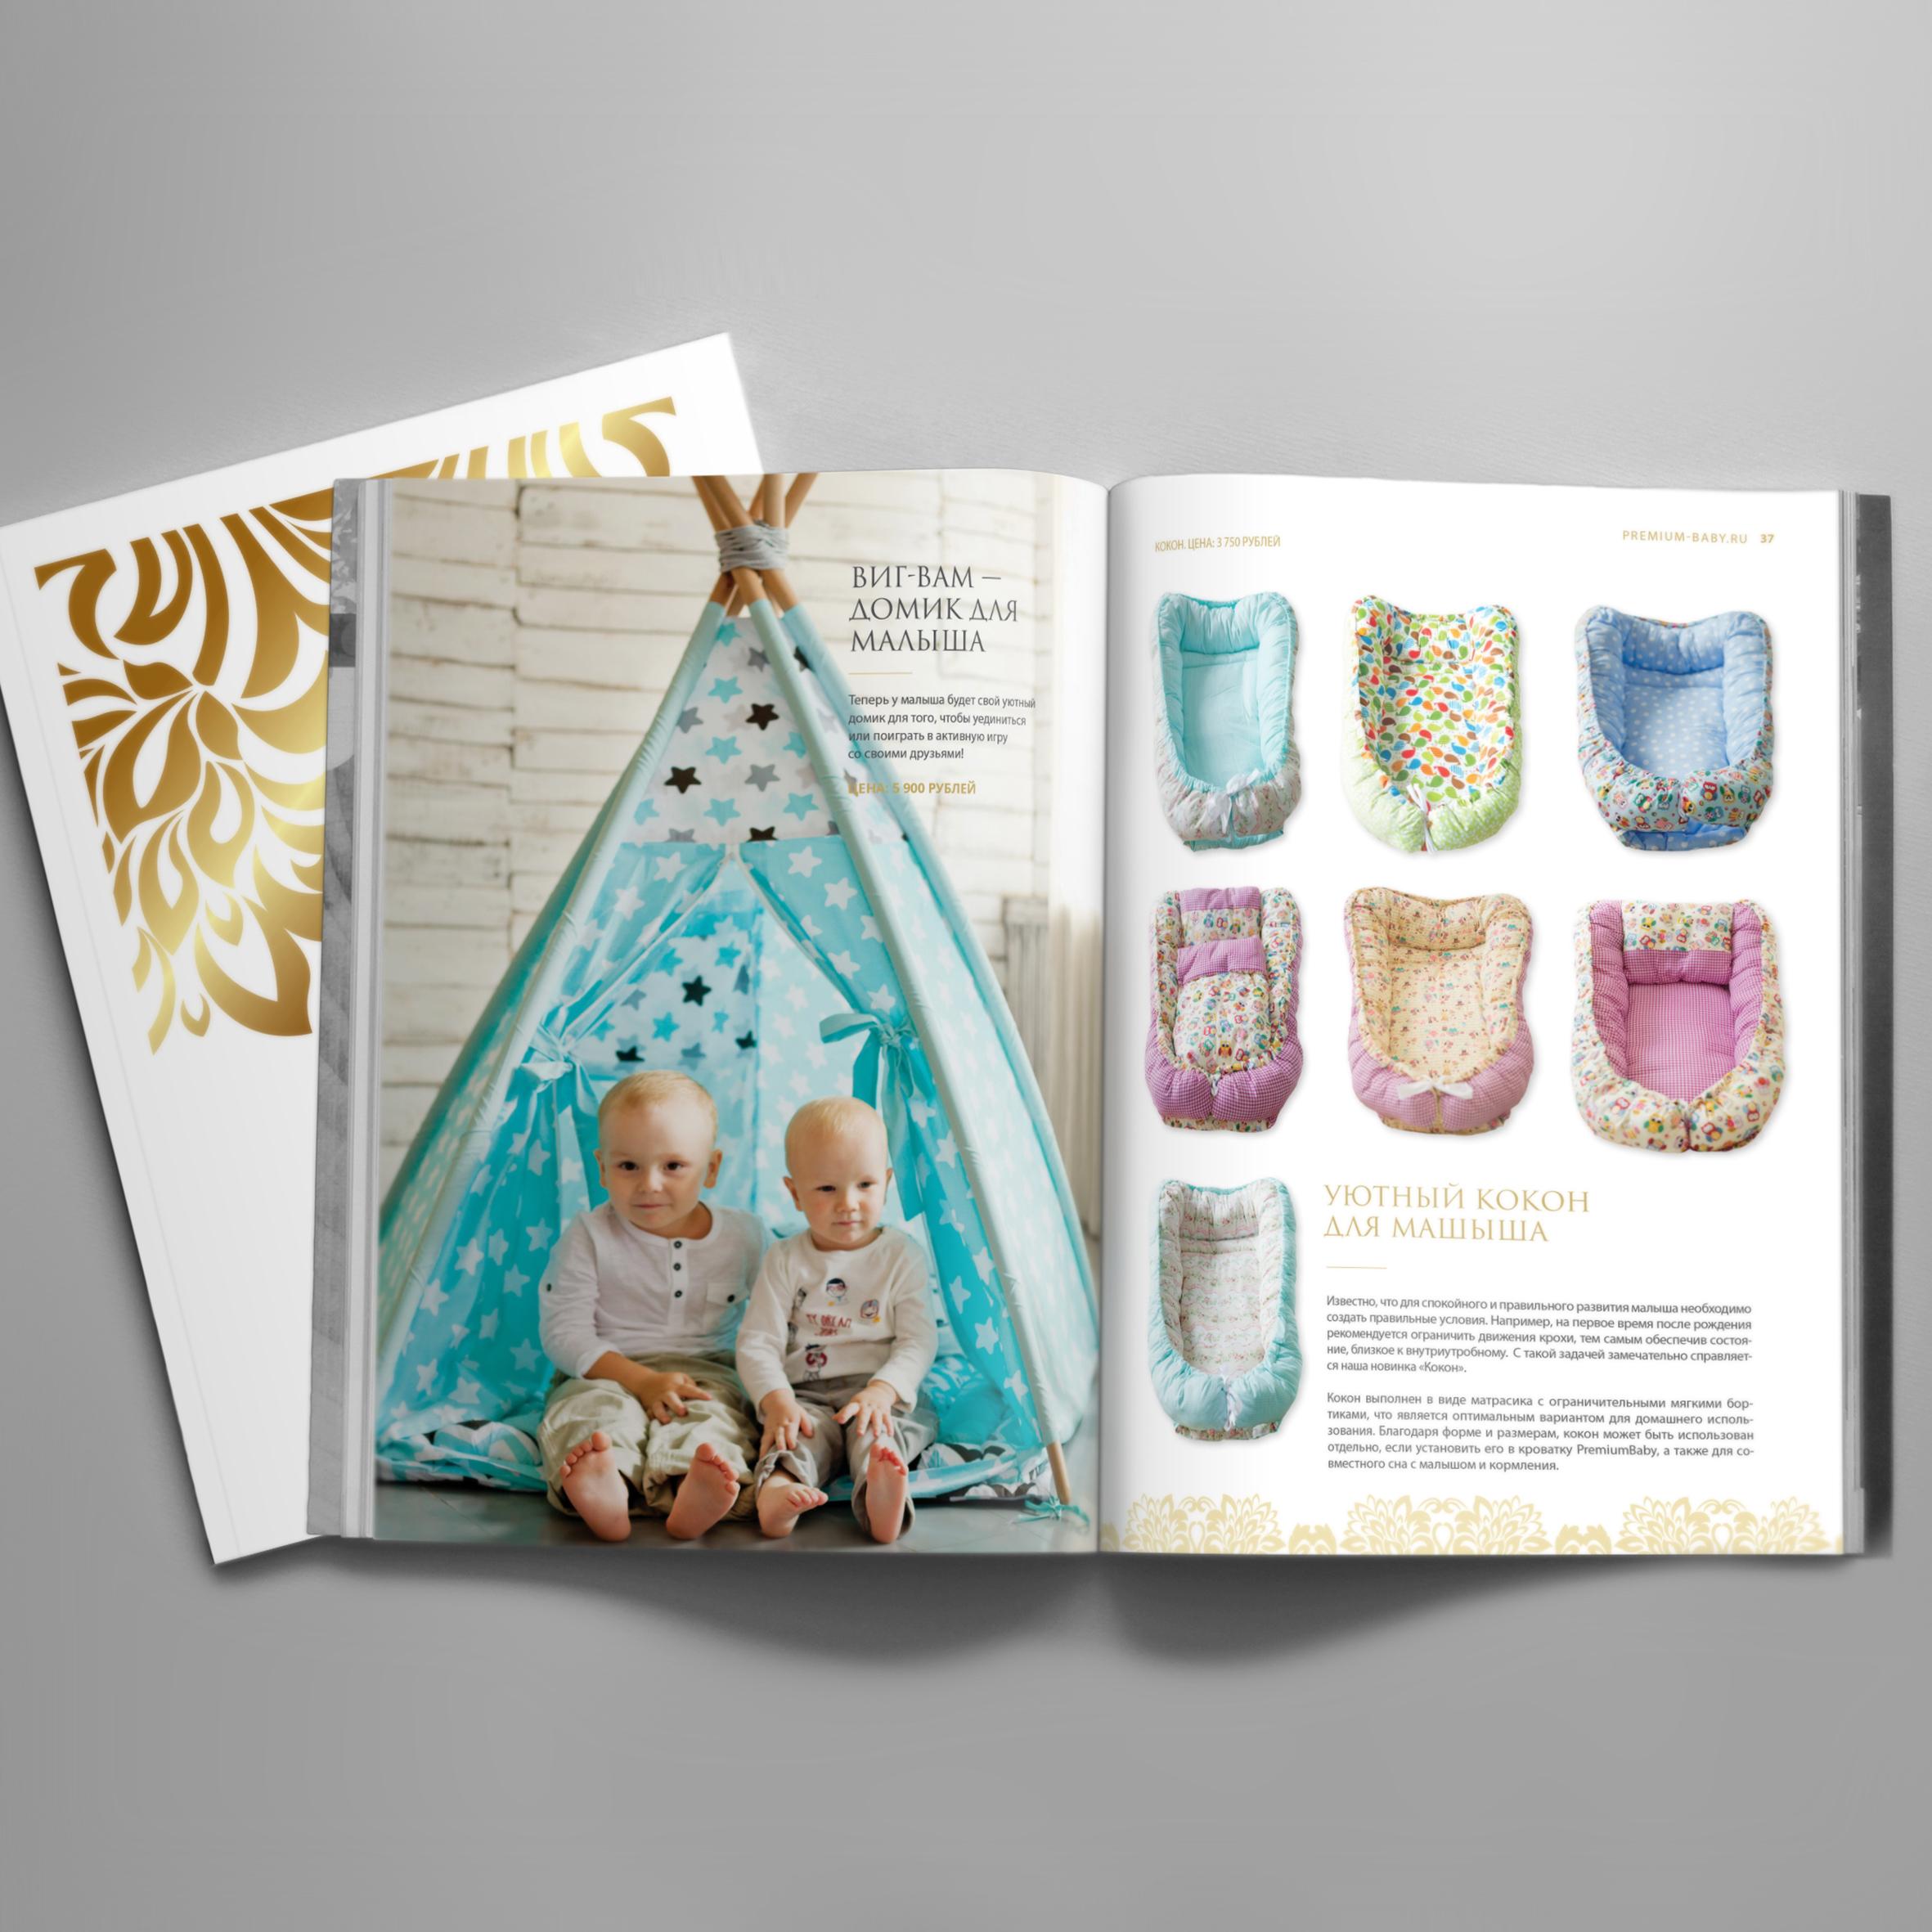 Дизайн и верстка в журнале 9